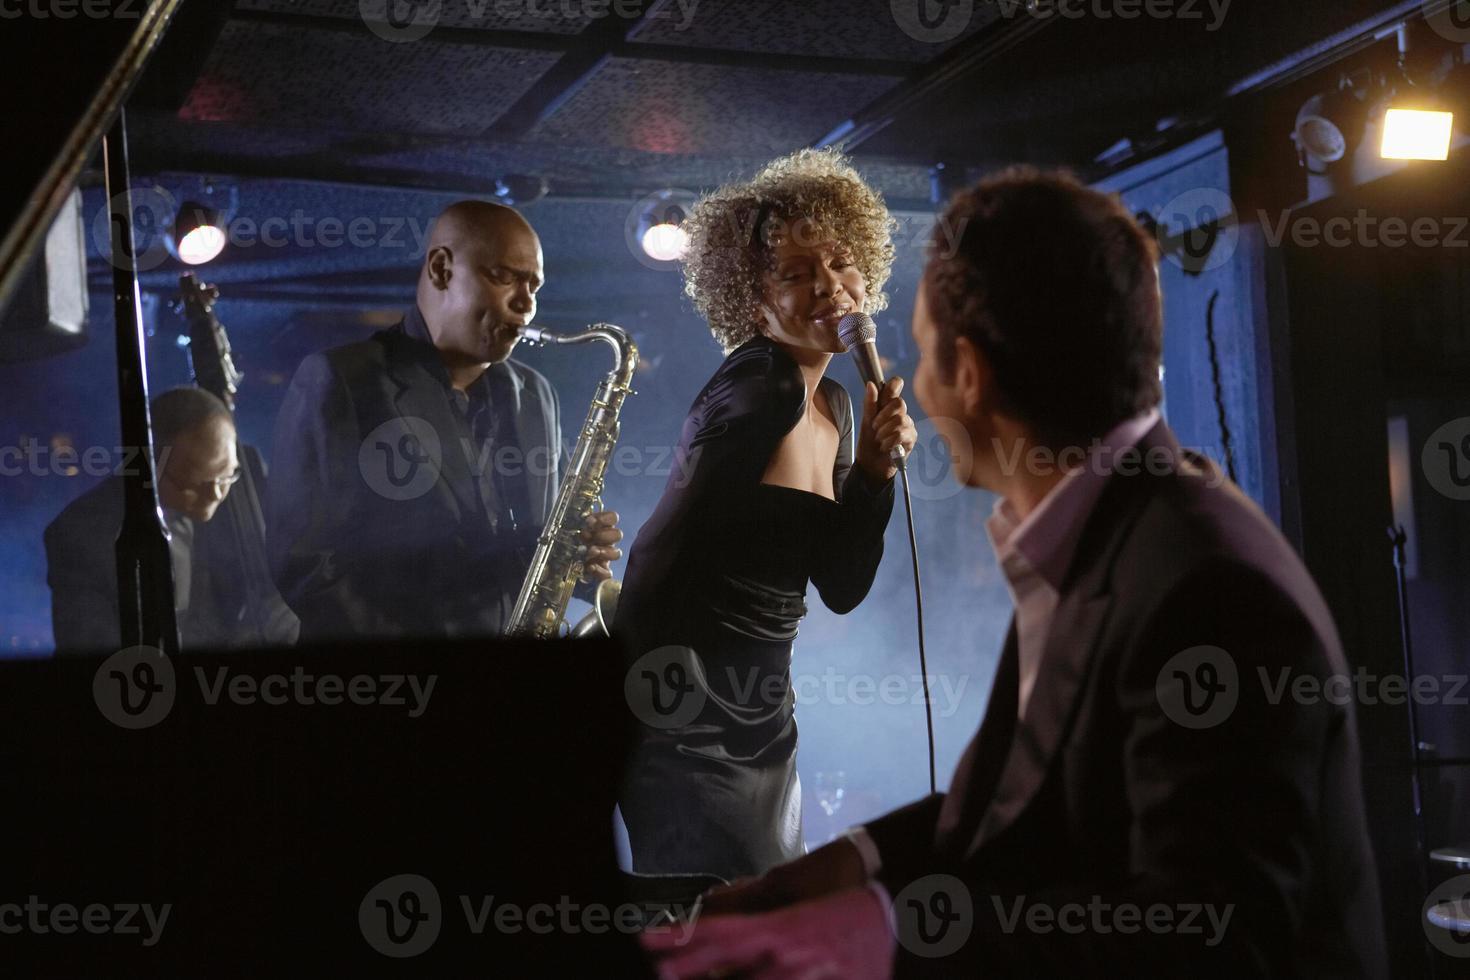 jazzmuzikanten in club foto